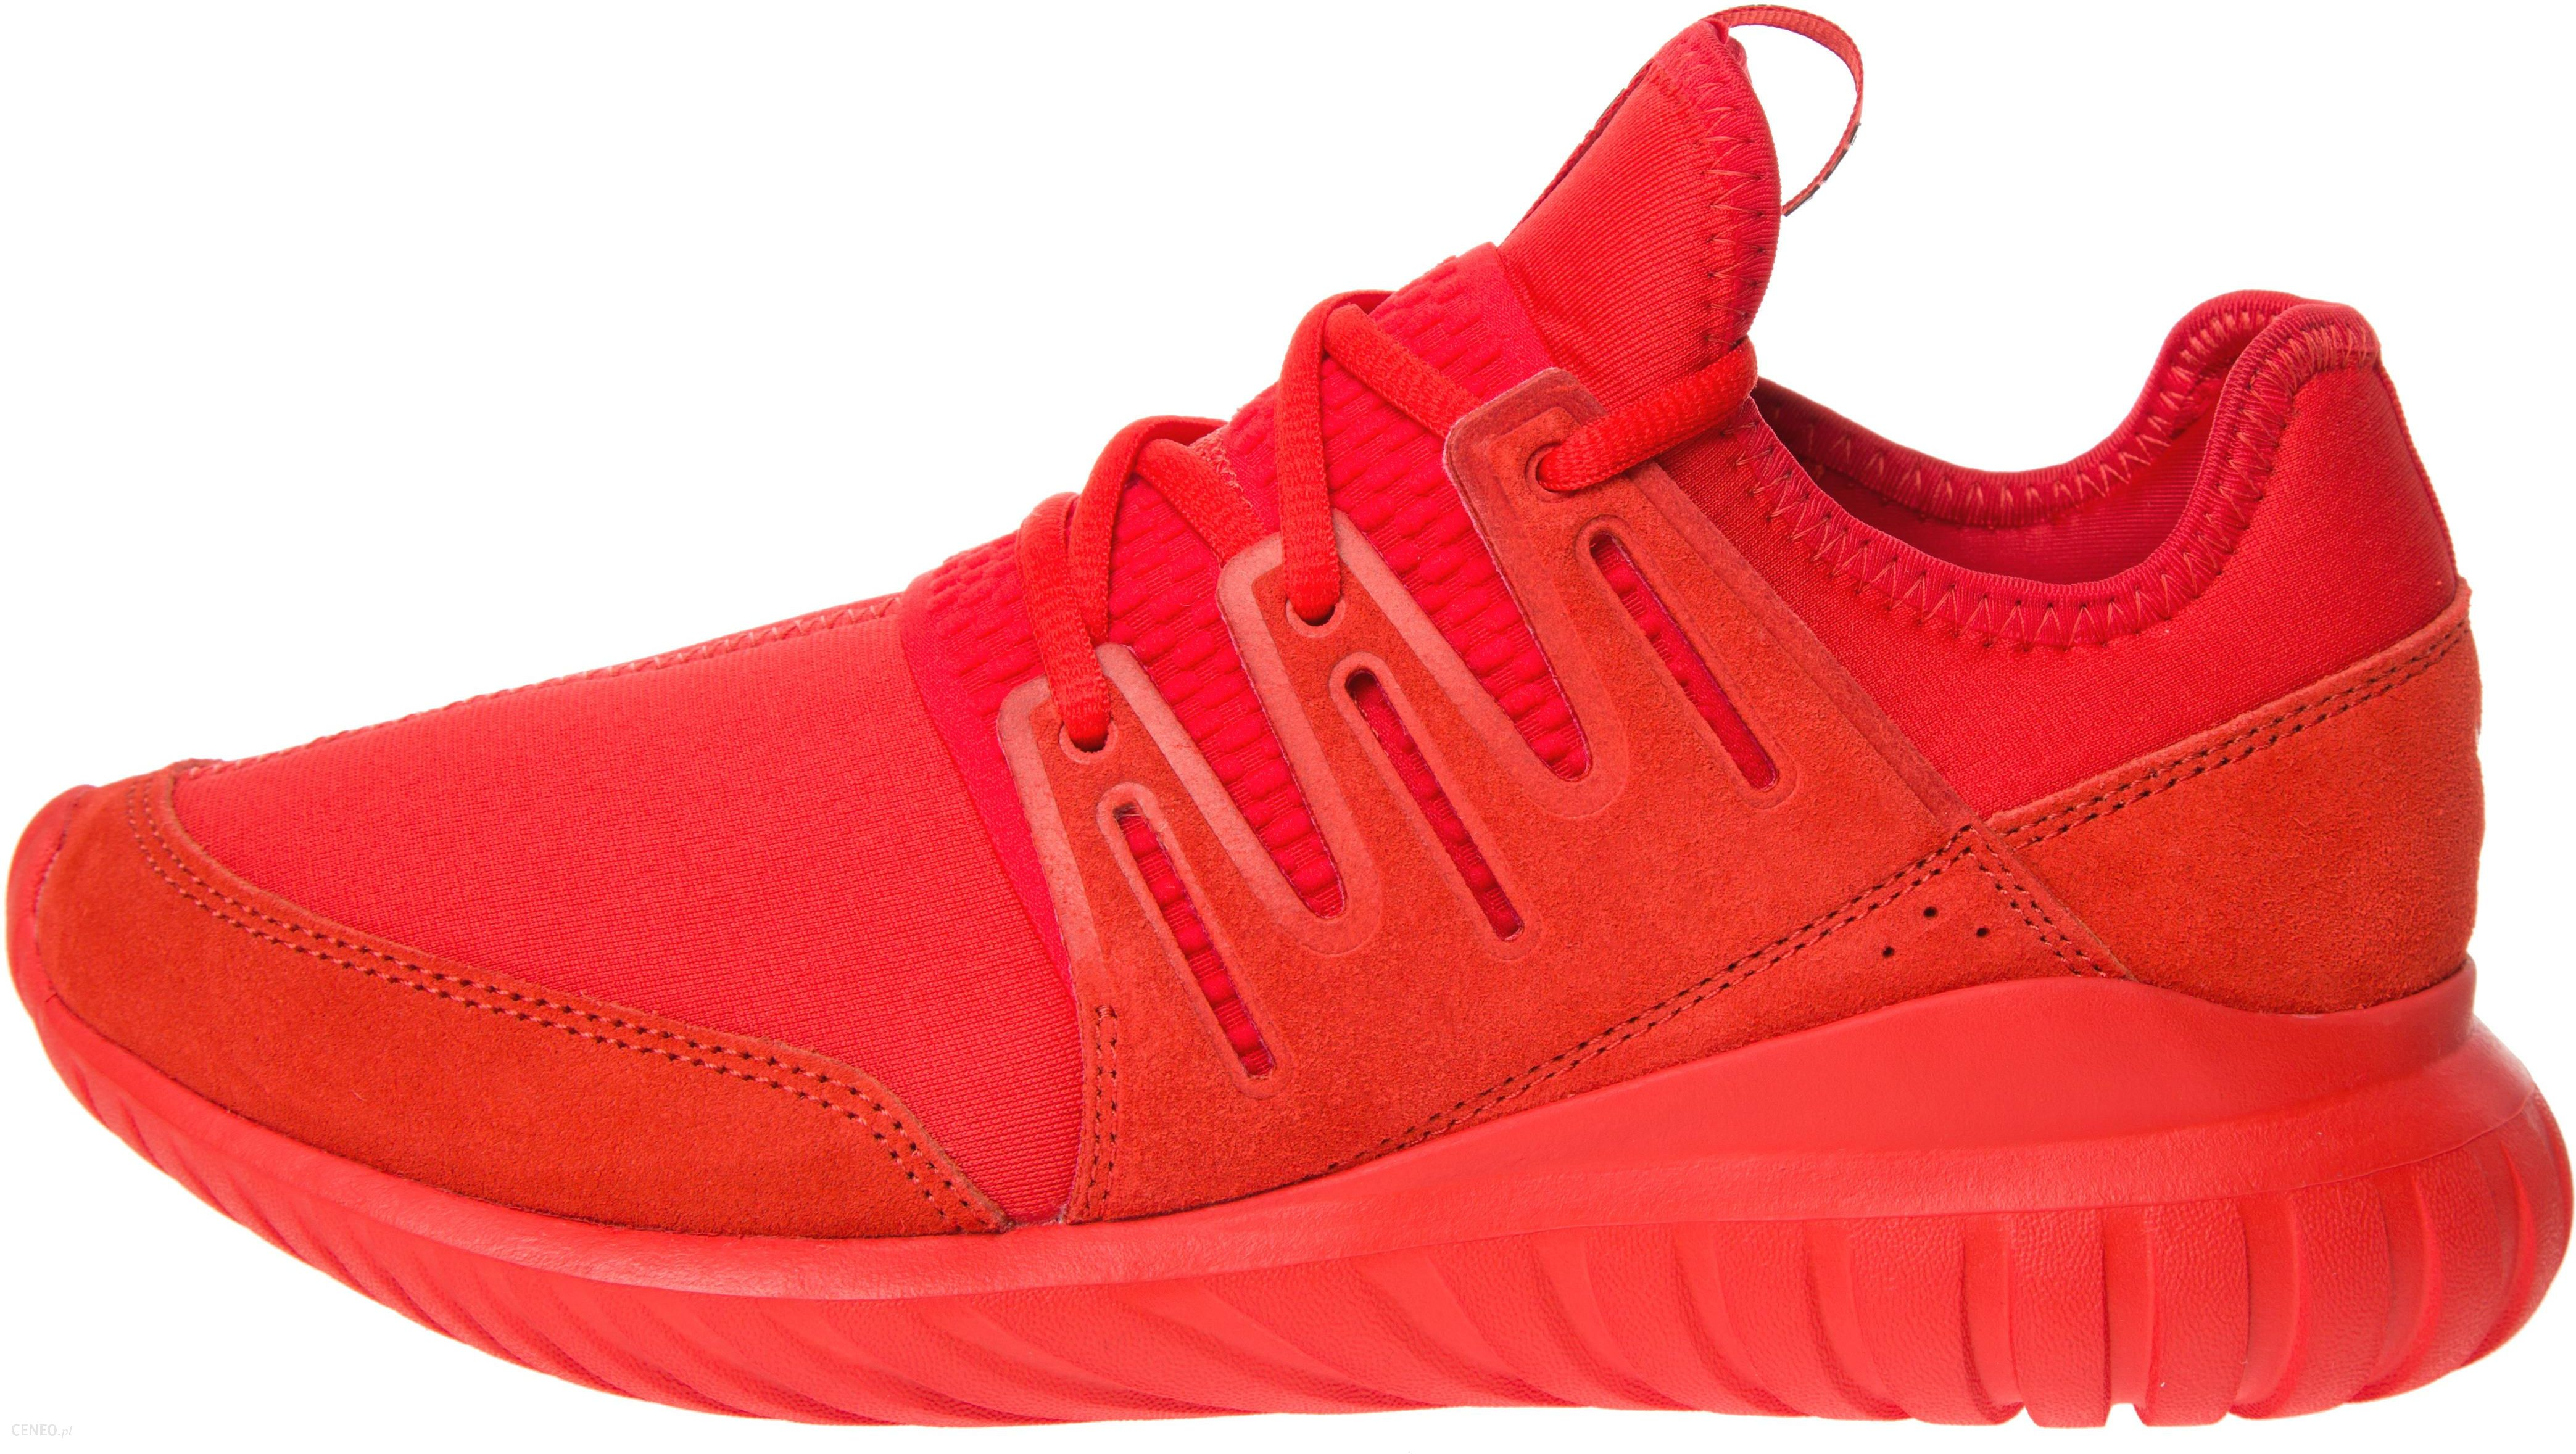 adidas originals tubular czerwone